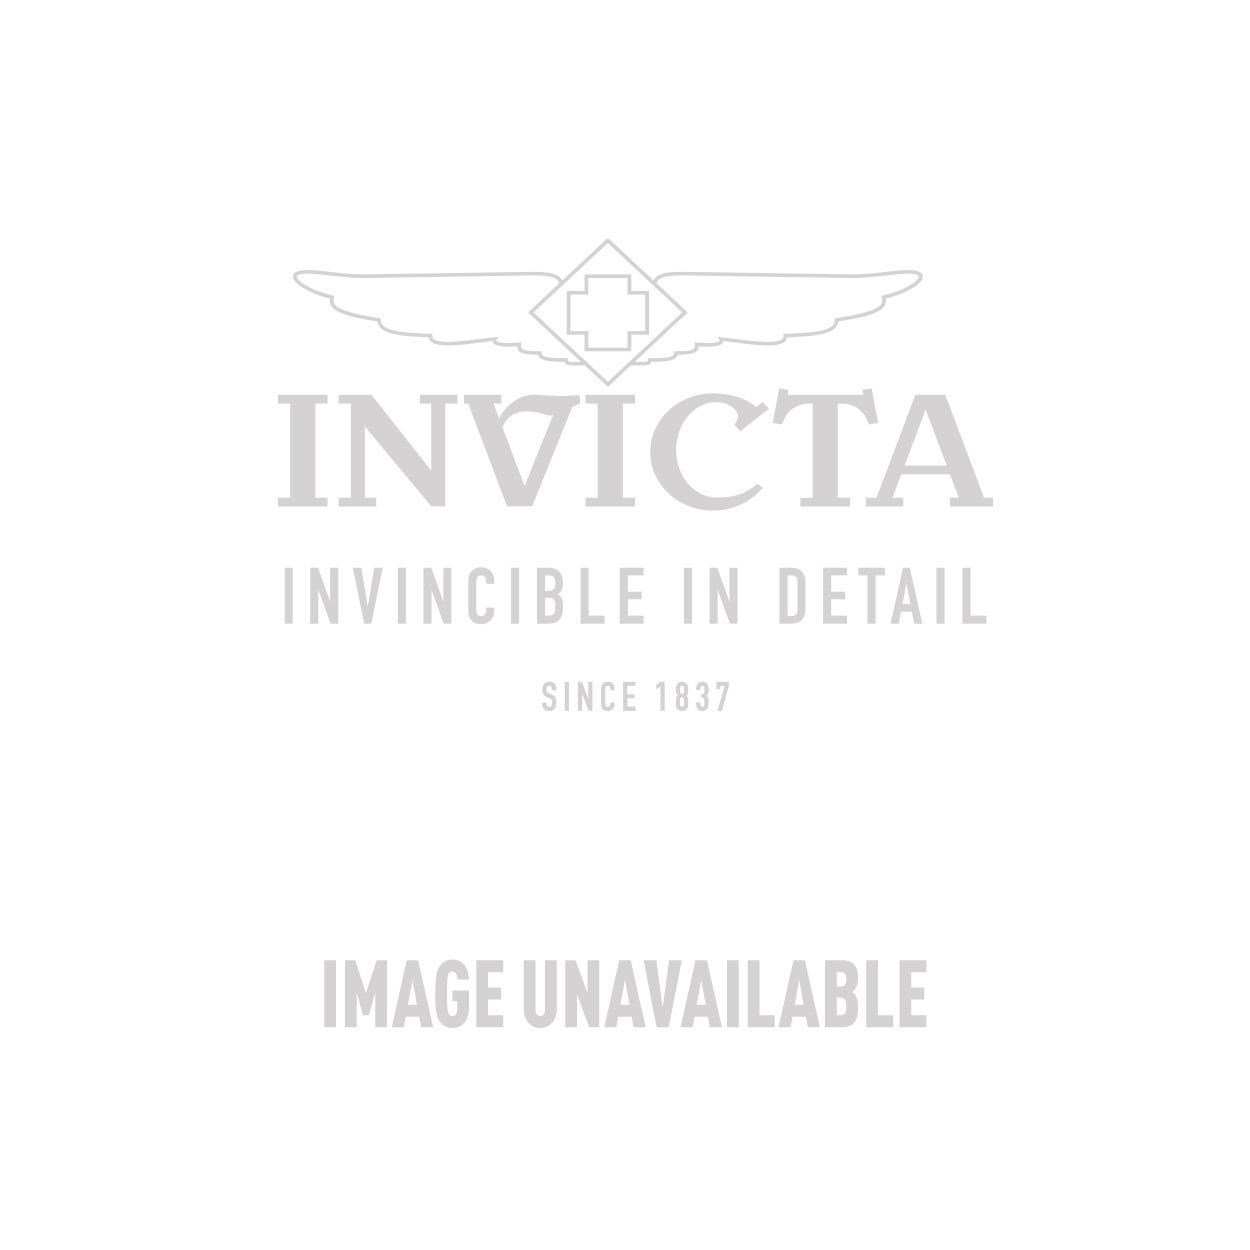 Invicta Model 24131